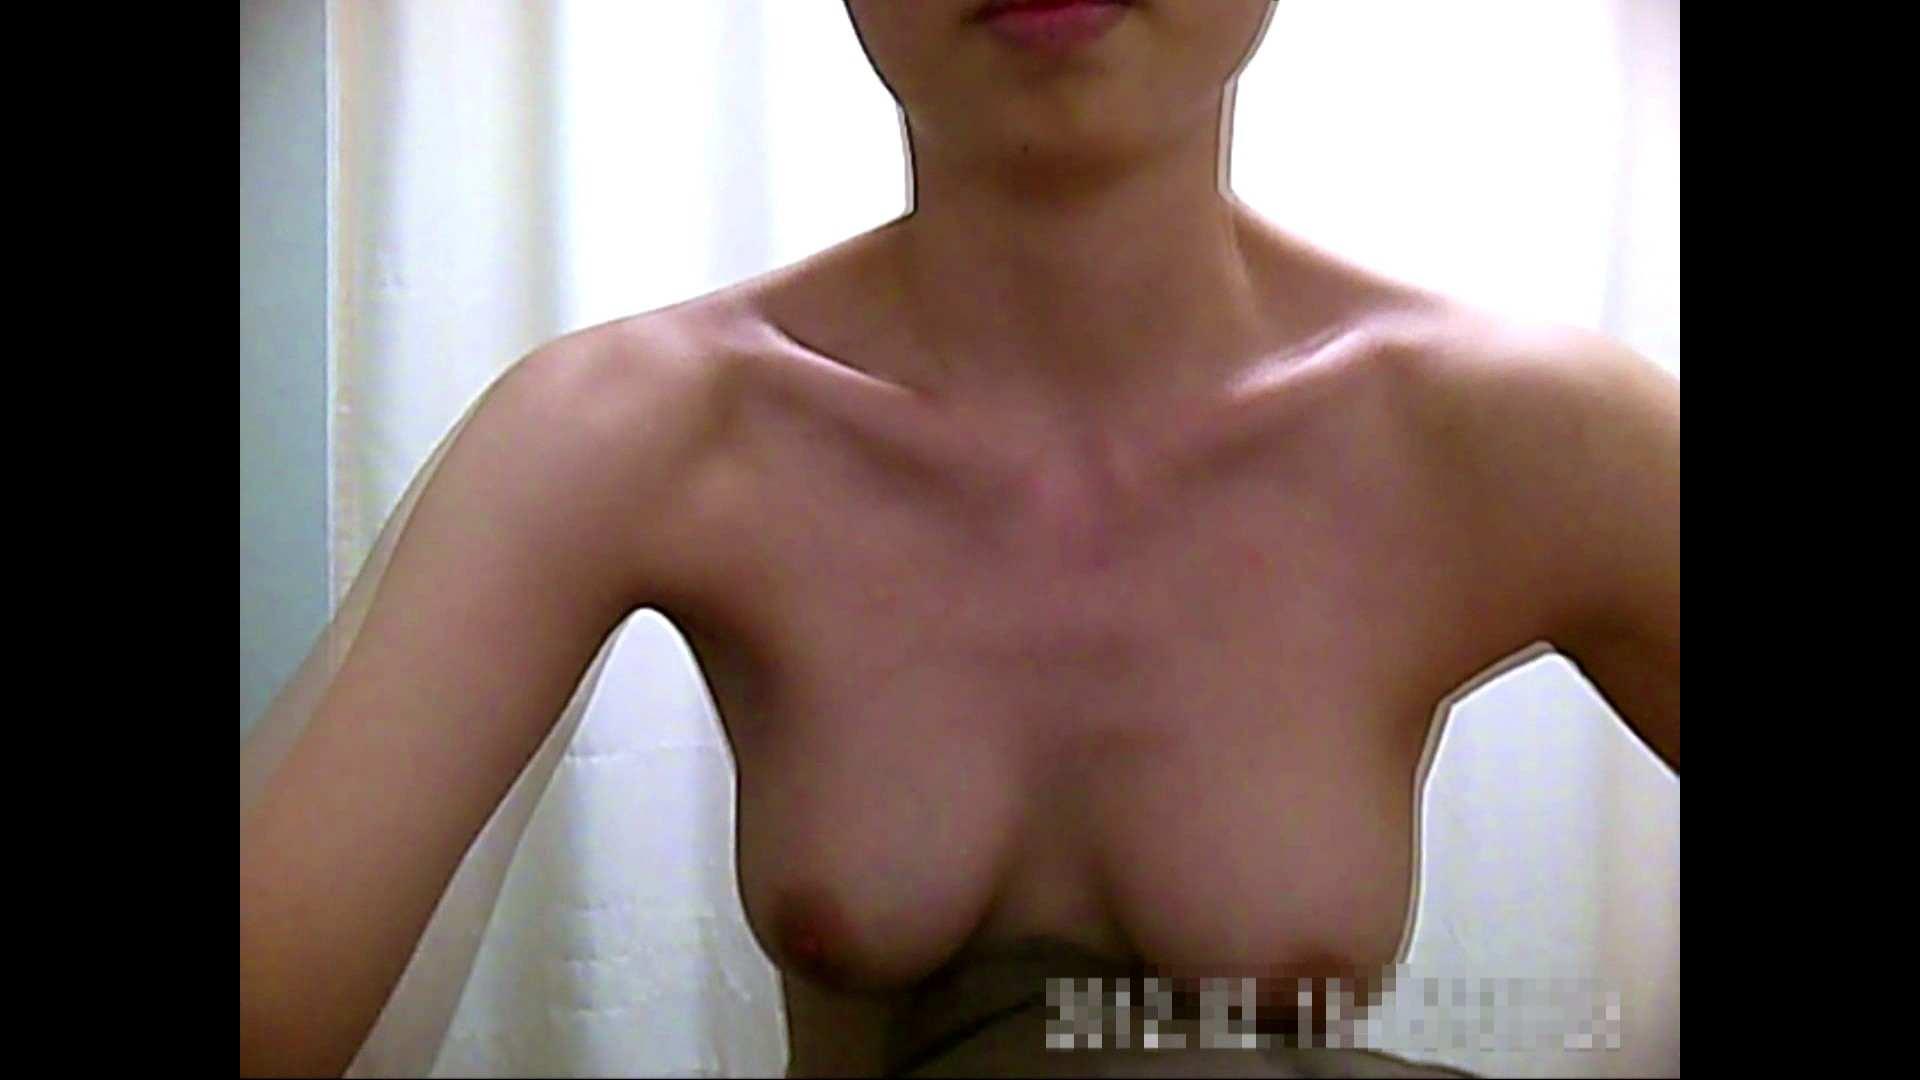 元医者による反抗 更衣室地獄絵巻 vol.271 OLハメ撮り  97Pix 56